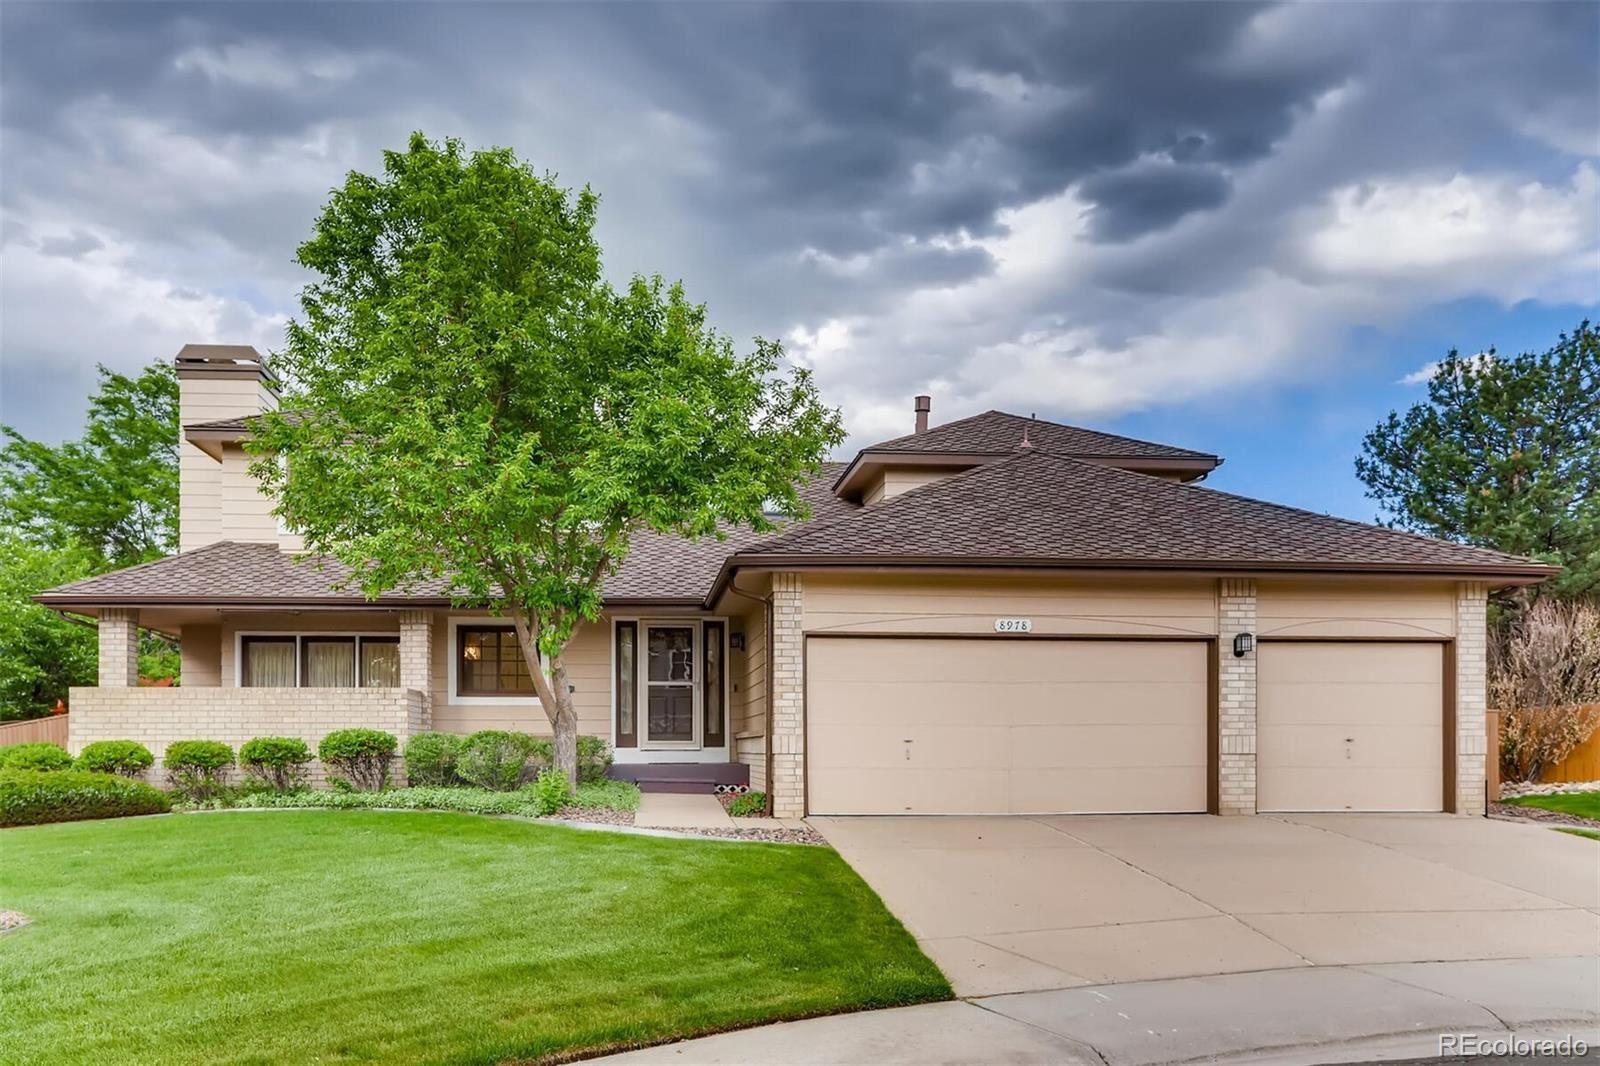 8978 Green Meadows Lane, Highlands Ranch, CO 80126 - #: 5188815